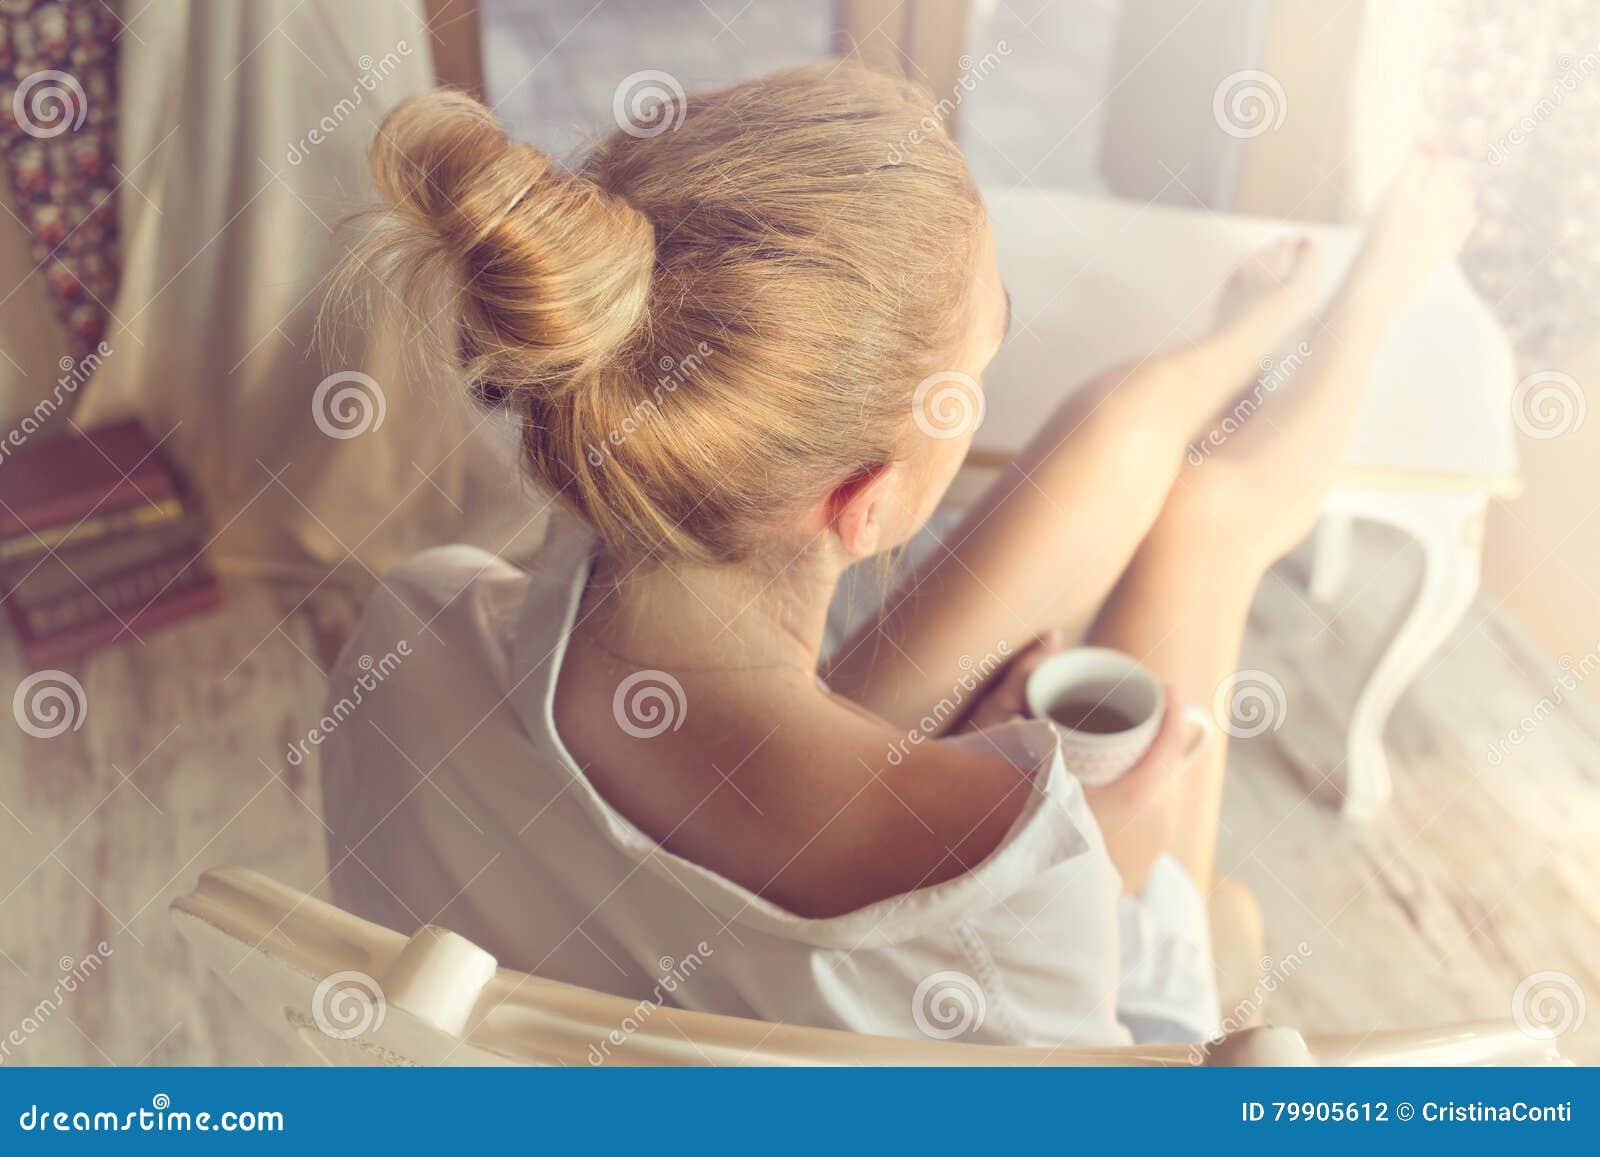 Vrouwen nippende koffie in een magisch ogenblik van stil